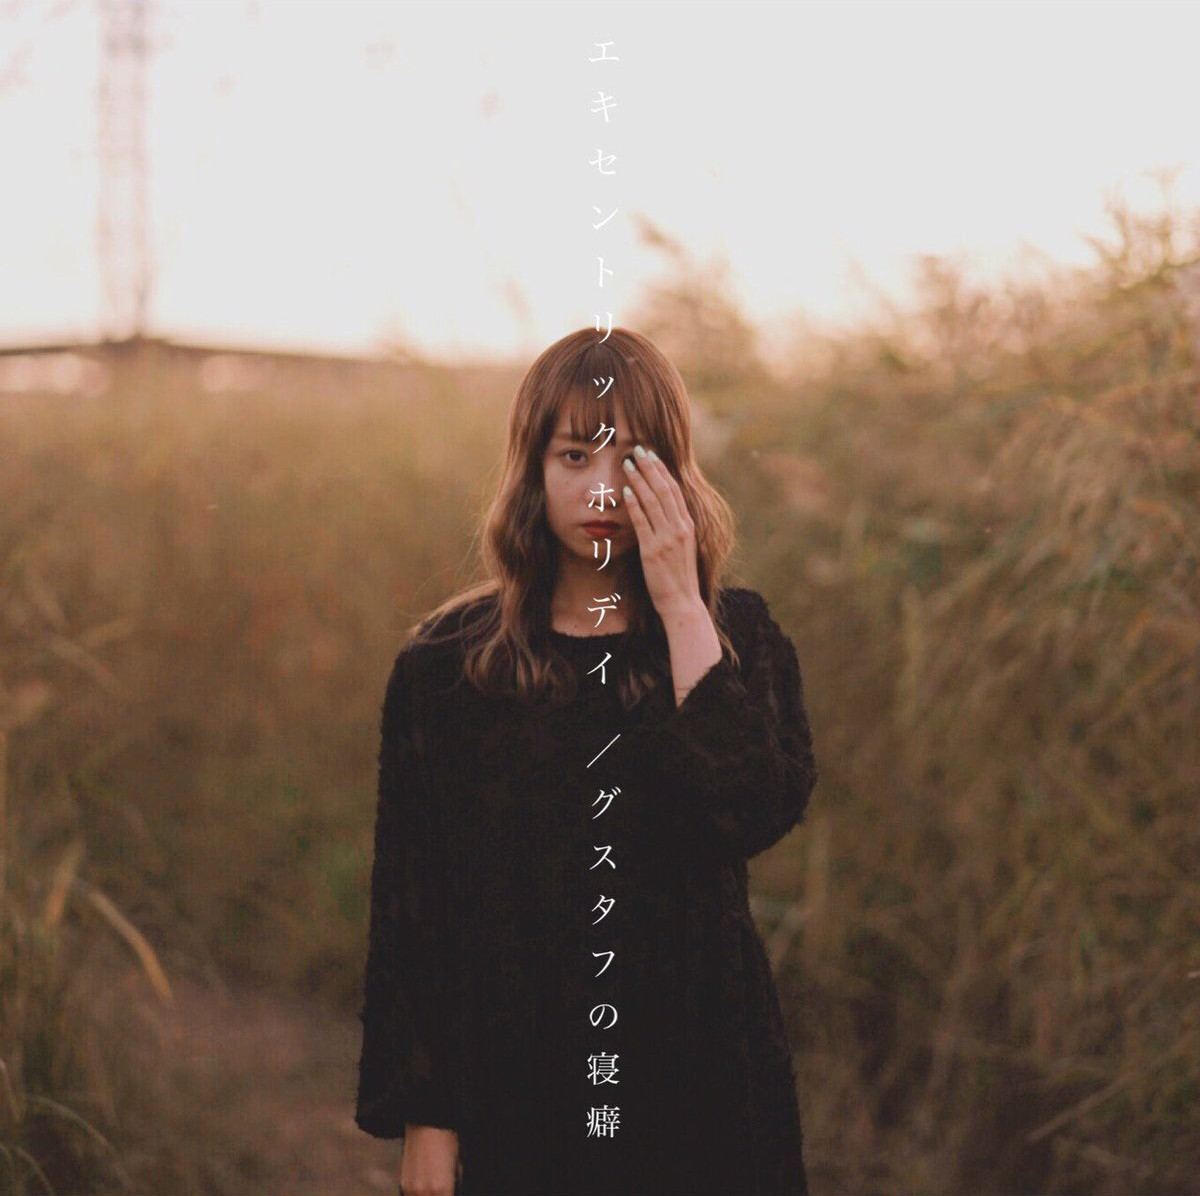 グスタフの寝癖 (Gustav no Neguse) – エキセントリックホリデイ (Eccentric Holiday) [FLAC / CD] [2018.12.09]